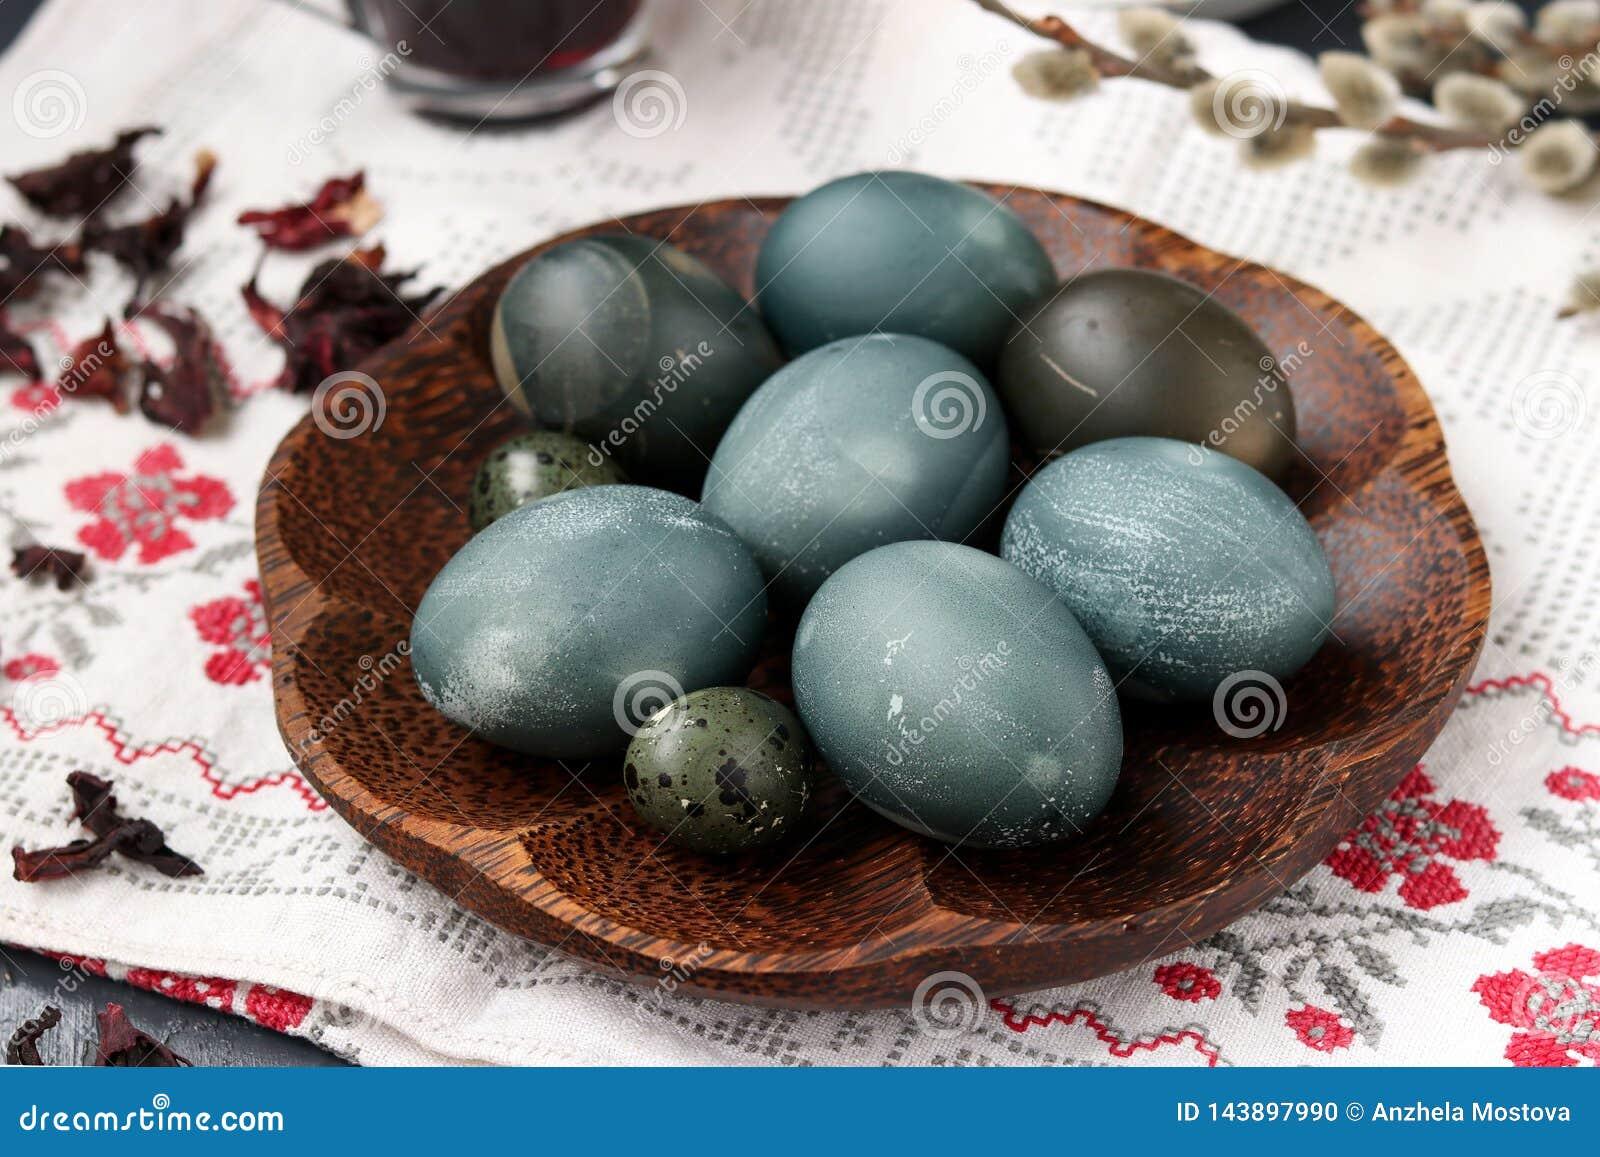 Uova di quaglia e del pollo su un piatto, dipinto con tè dai petali di una rosa o di un ibisco sudanese